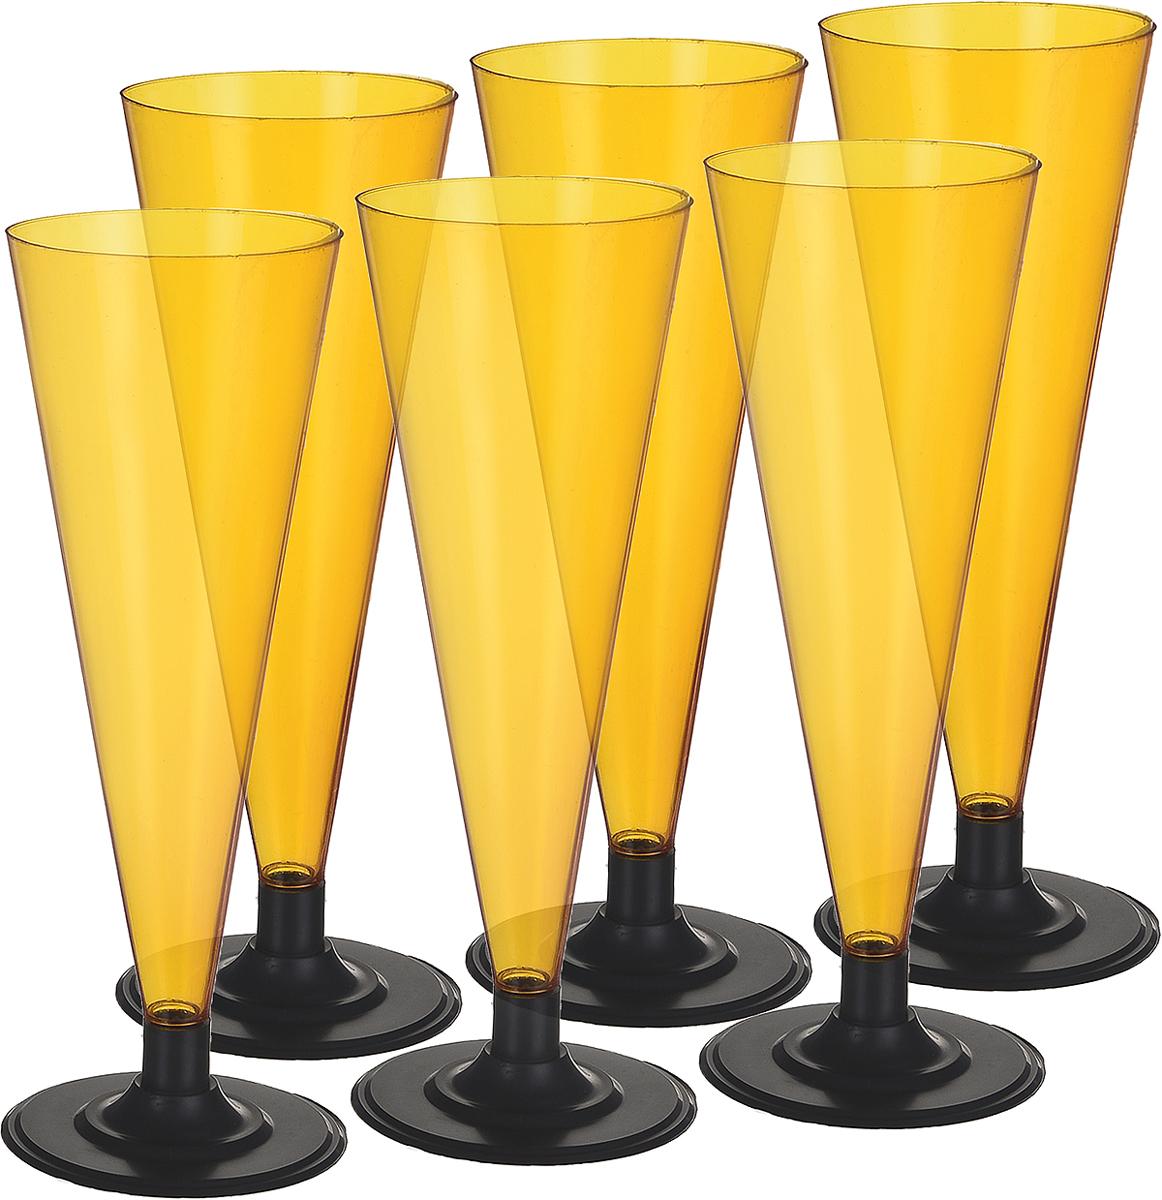 Фужер Мистерия, цвет: оранжевый, черный, 180 мл, 6 шт182155Фужер Мистерия выполнен из полистирола. Рекомендуется для использования на вечеринках, корпоративных мероприятиях и свадебных прогулках. Имеют малый вес, не разбиваются и удобны при транспортировке.